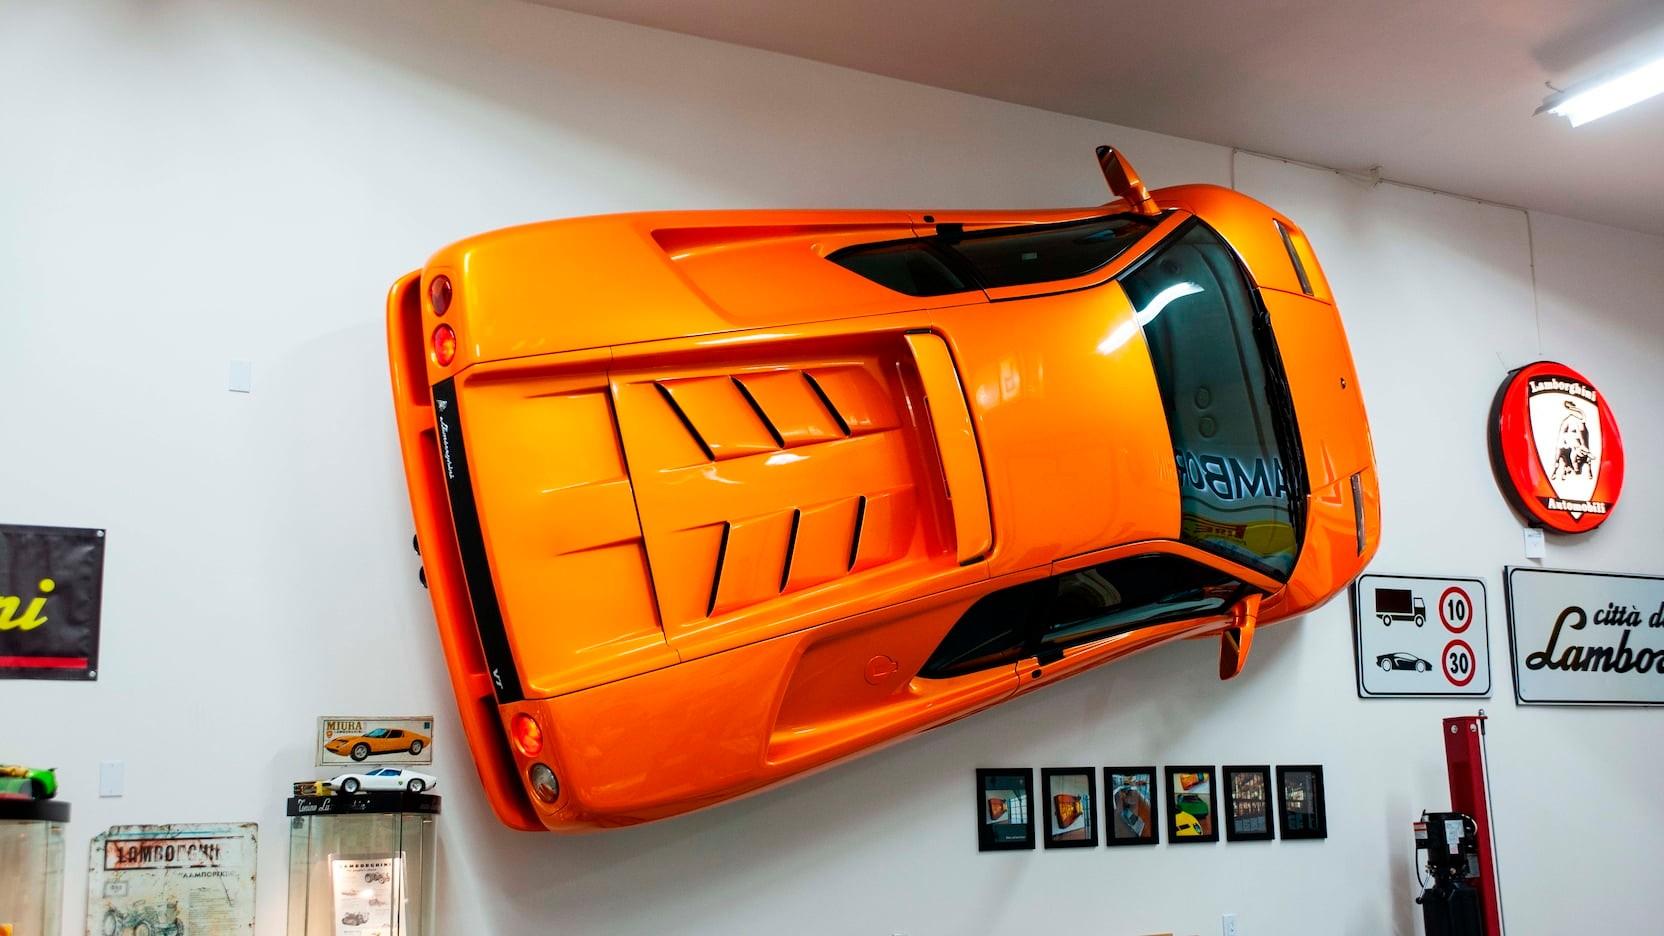 Lamborghini-Diablo-VT-for-wall-2